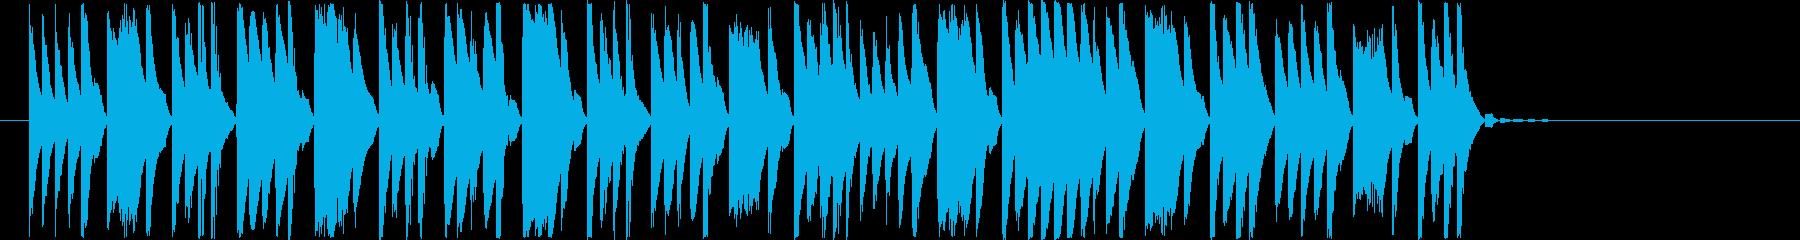 教育番組のシーン転換に使えるジングルの再生済みの波形